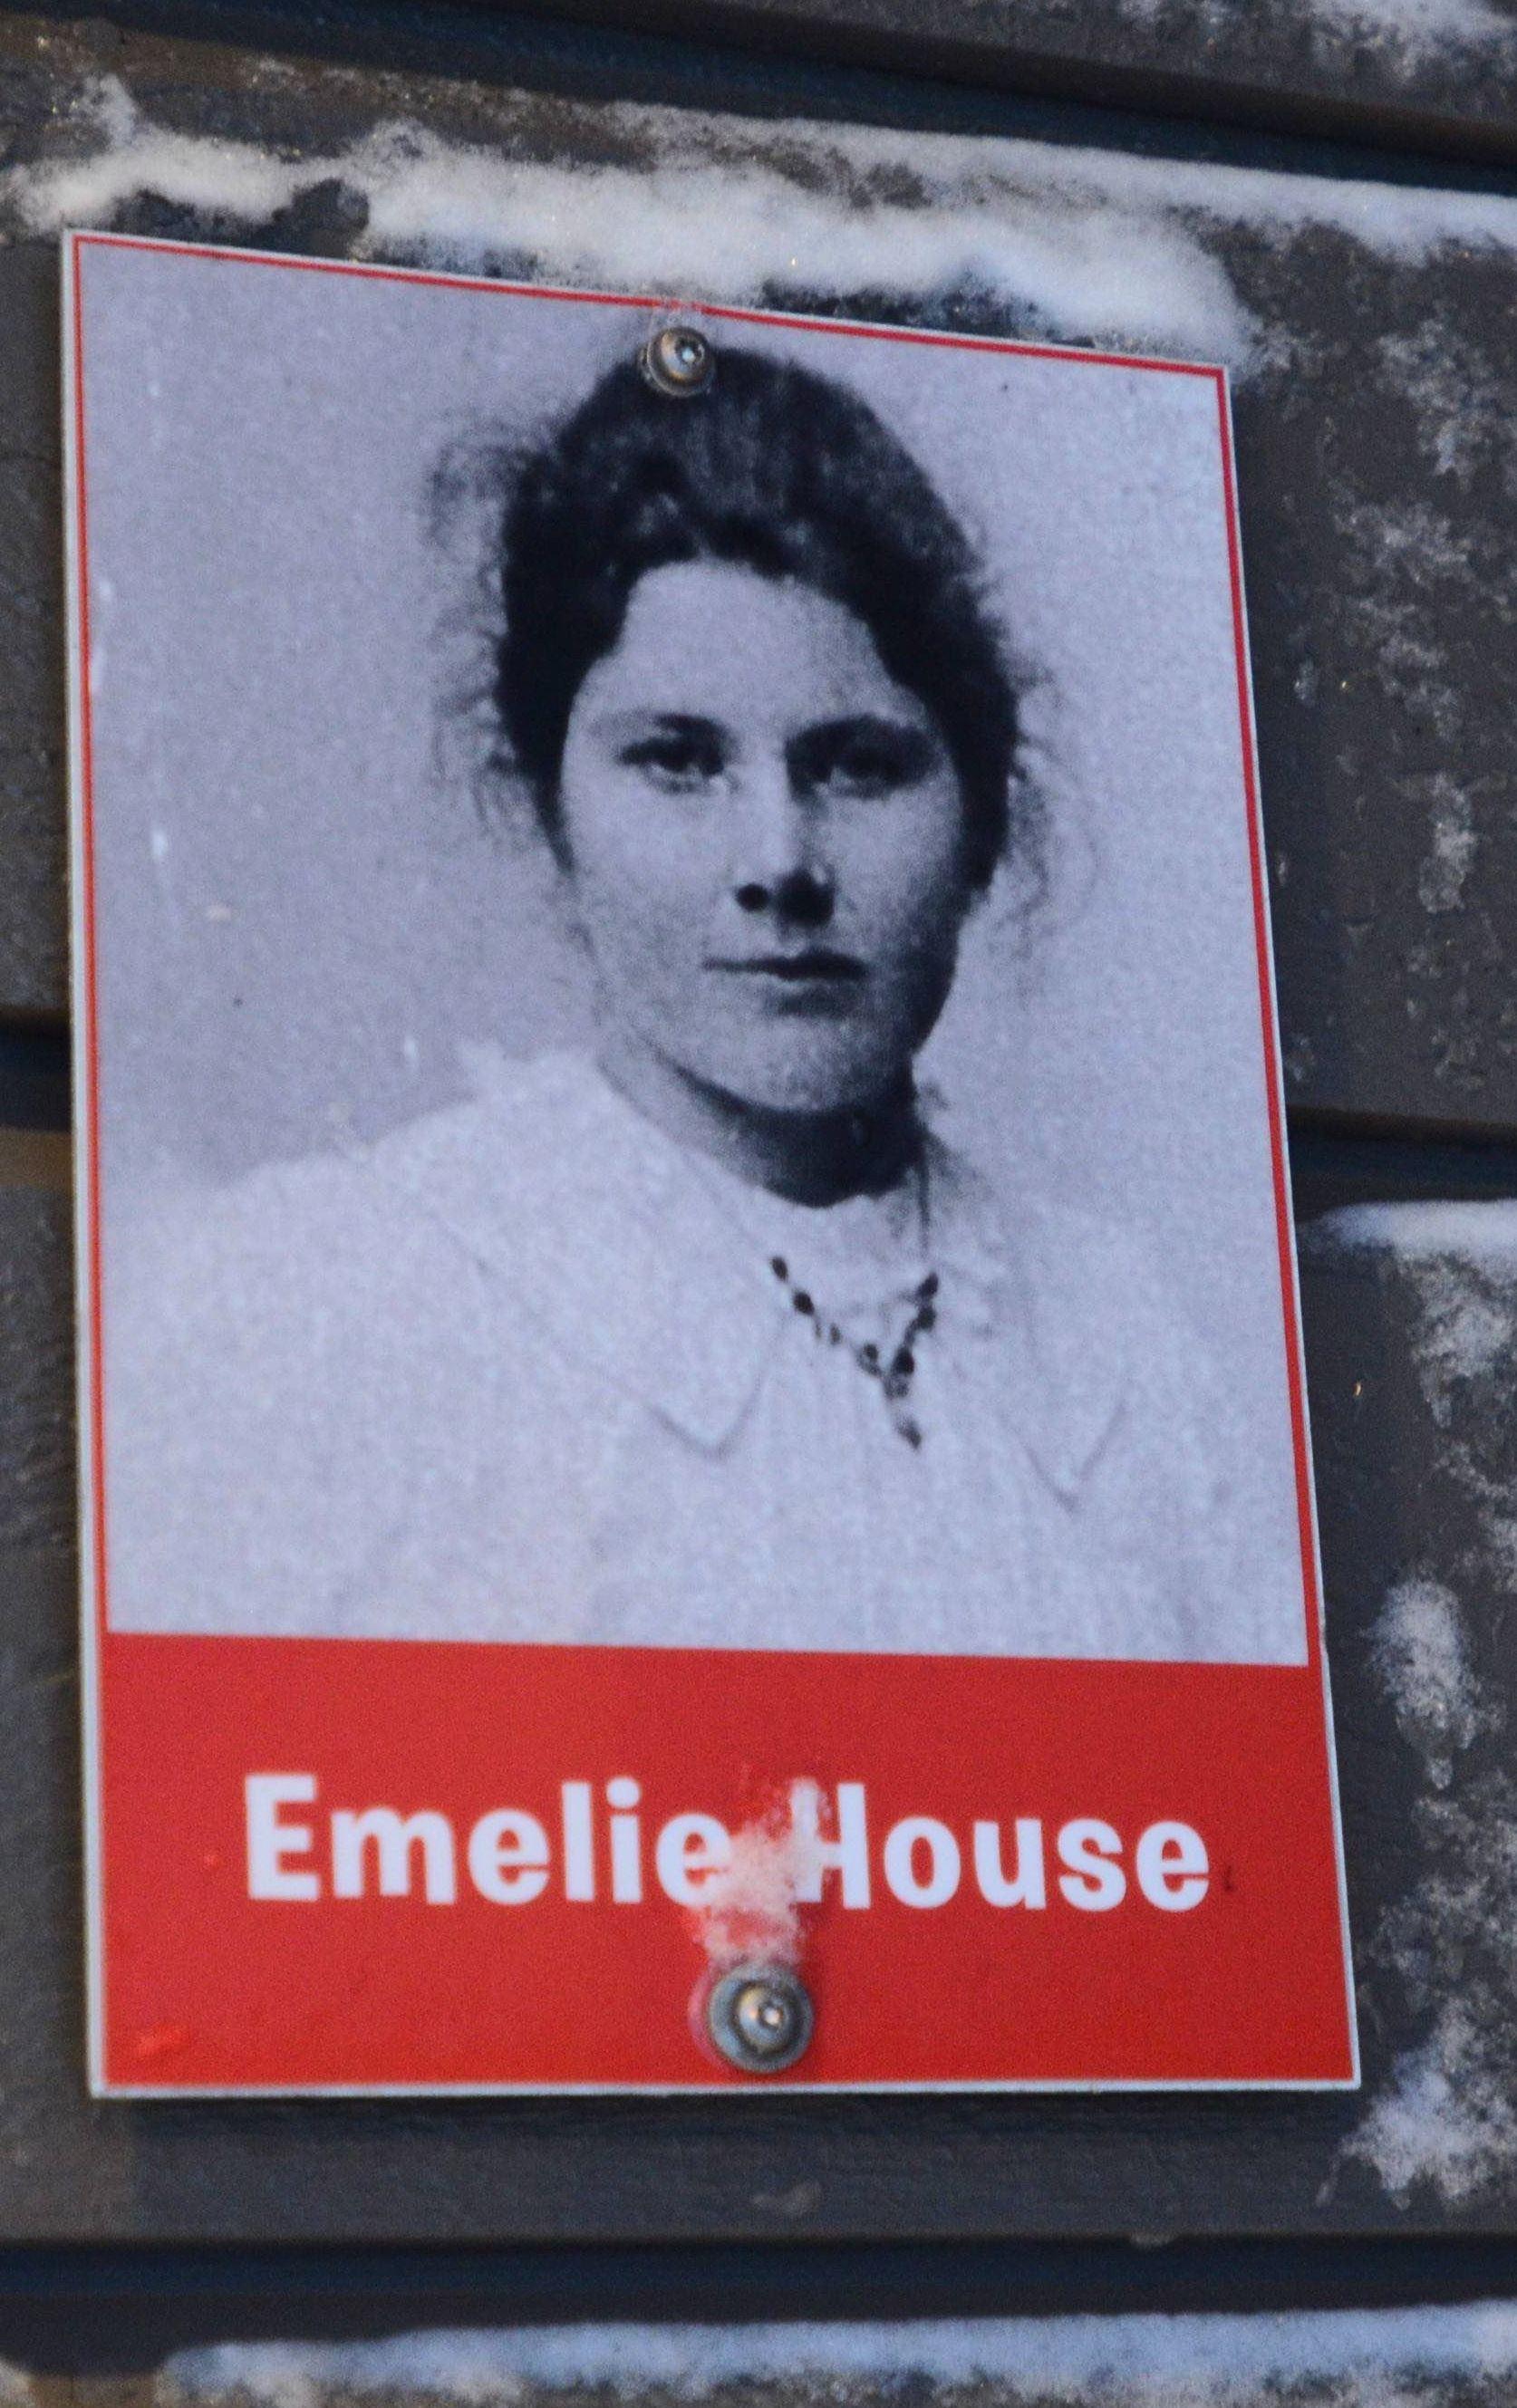 Emelie huset